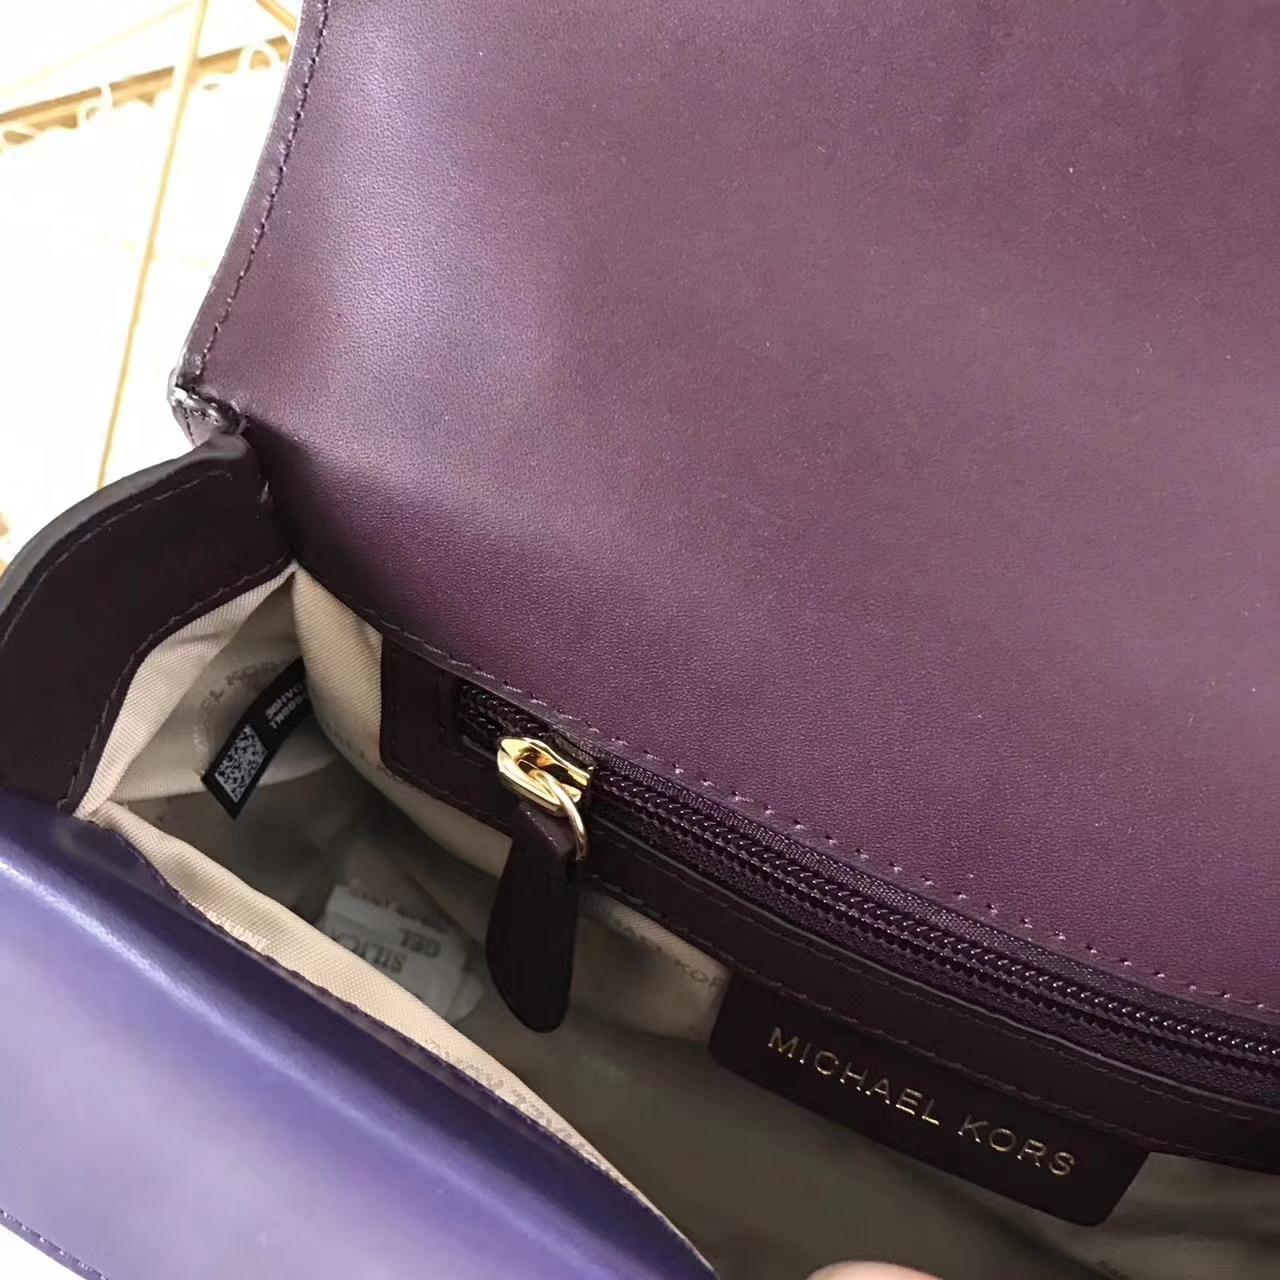 MK原单女包 迈克科尔斯2017年新款拼色手提信封包 紫色进口纳帕牛皮24CM